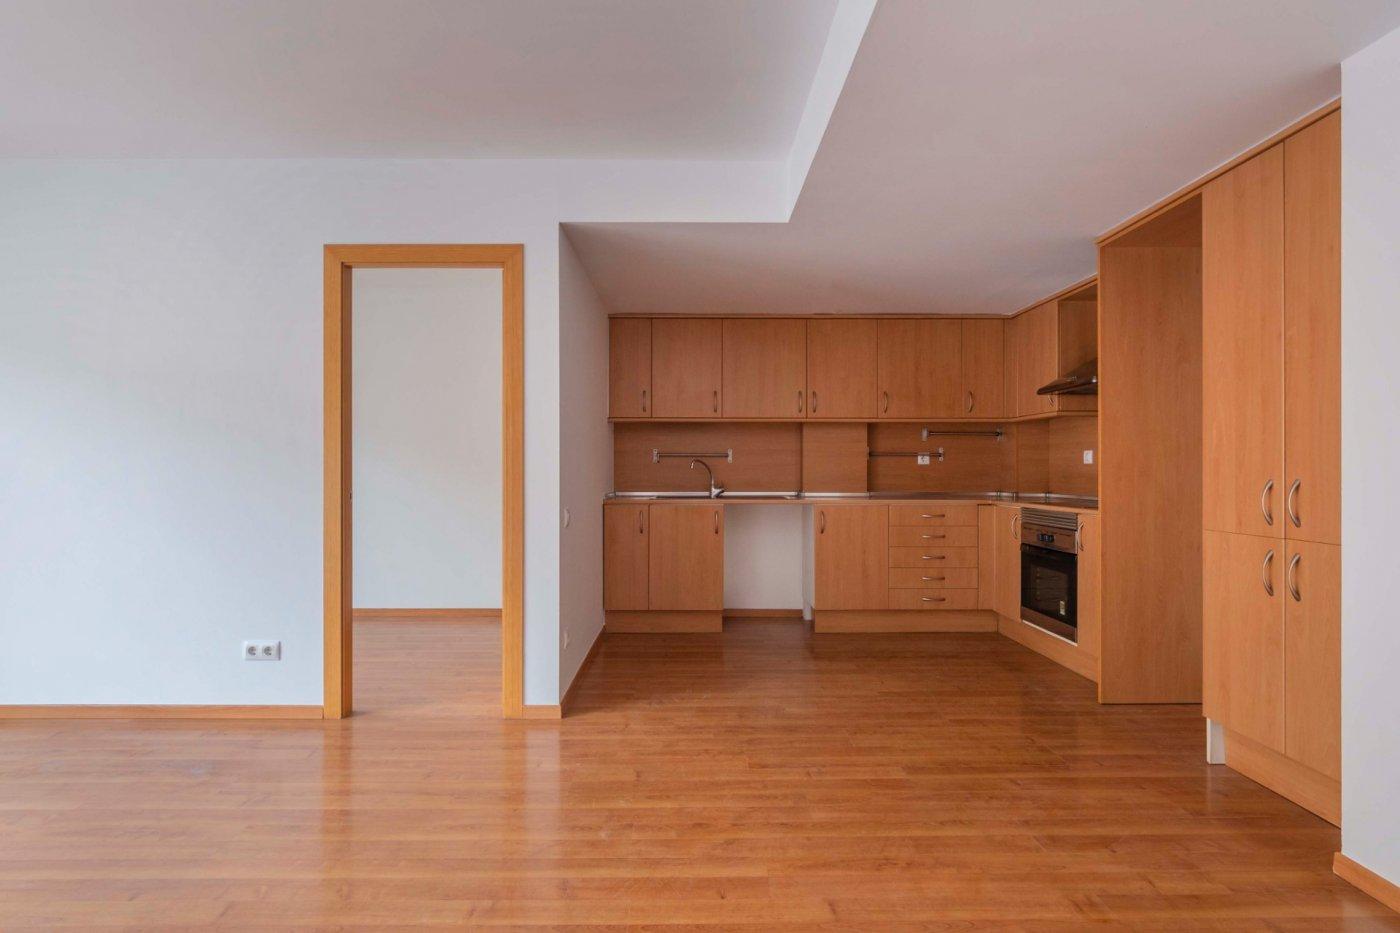 Piso con 2 habitaciones y box opcional.